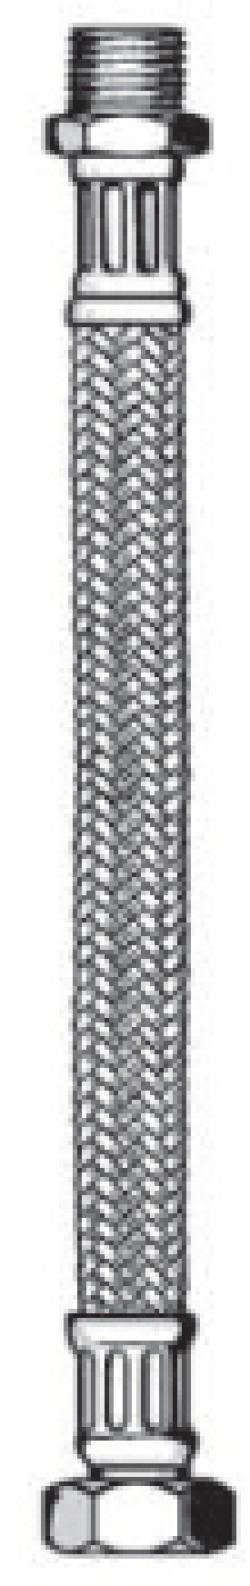 """Гибкие подводки 1/2"""" в металлической оплетке для питьевого водоснабжения, отопления и климатехники"""